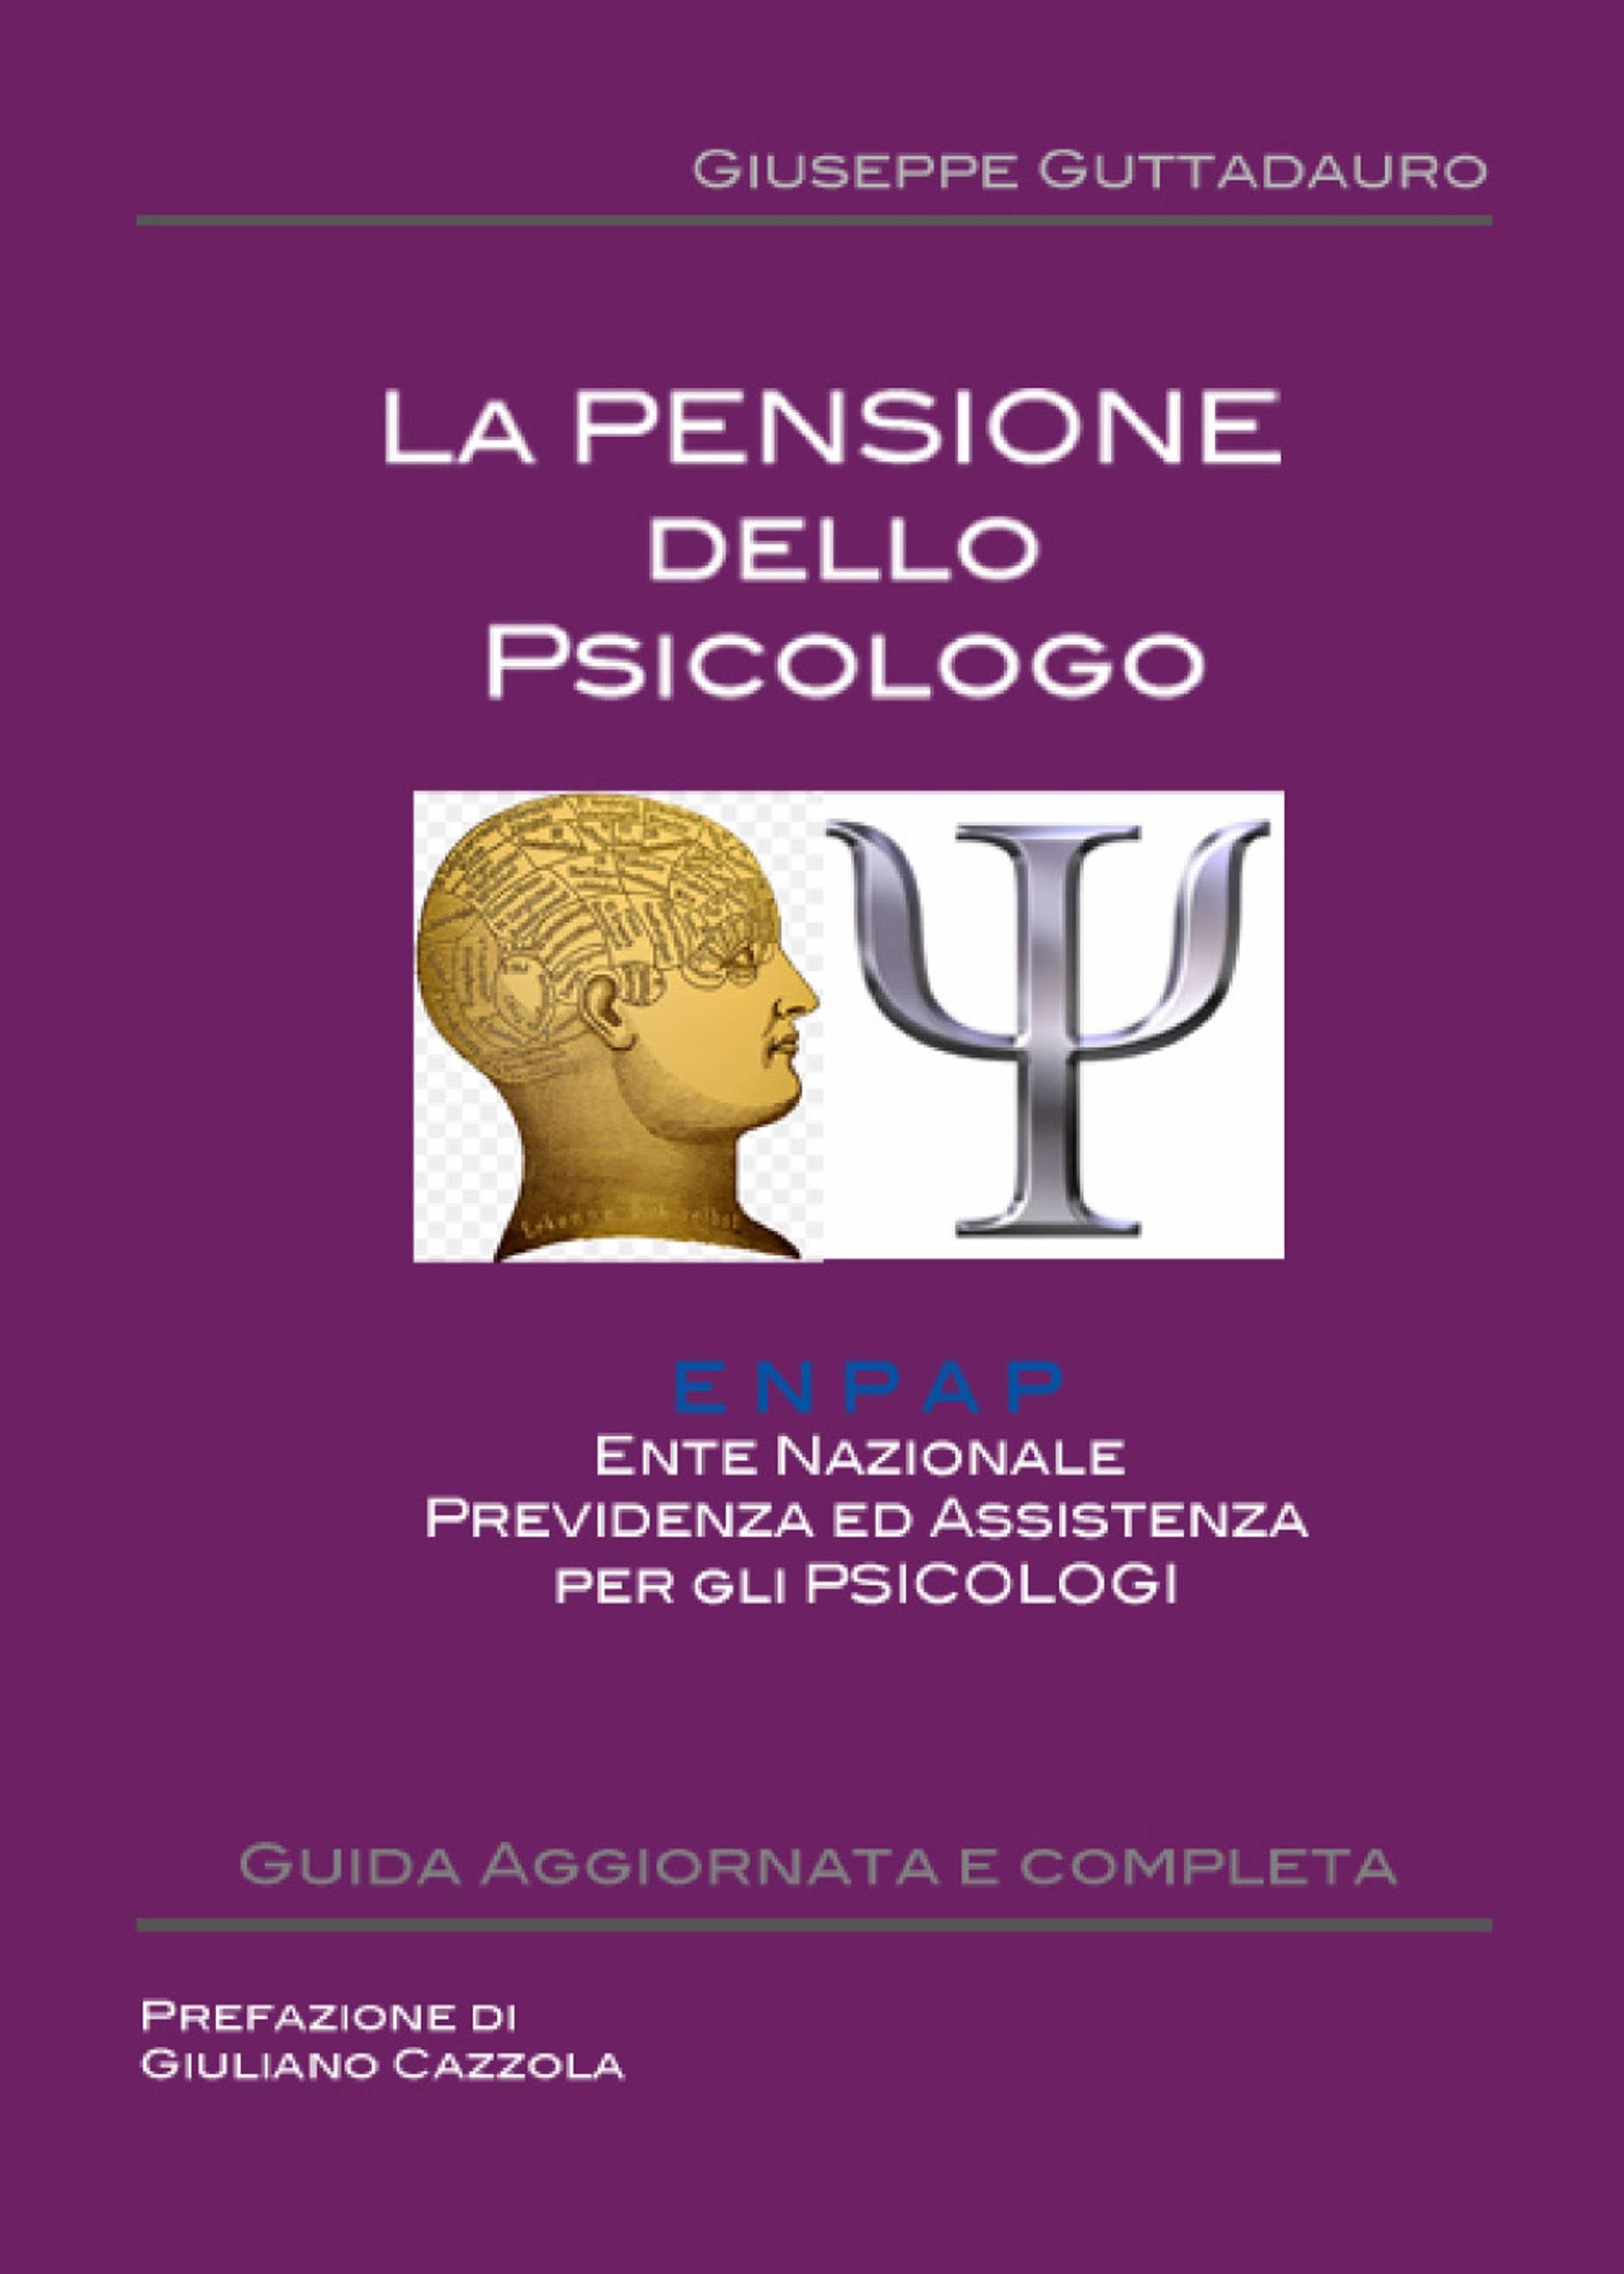 La Pensione dello Psicologo